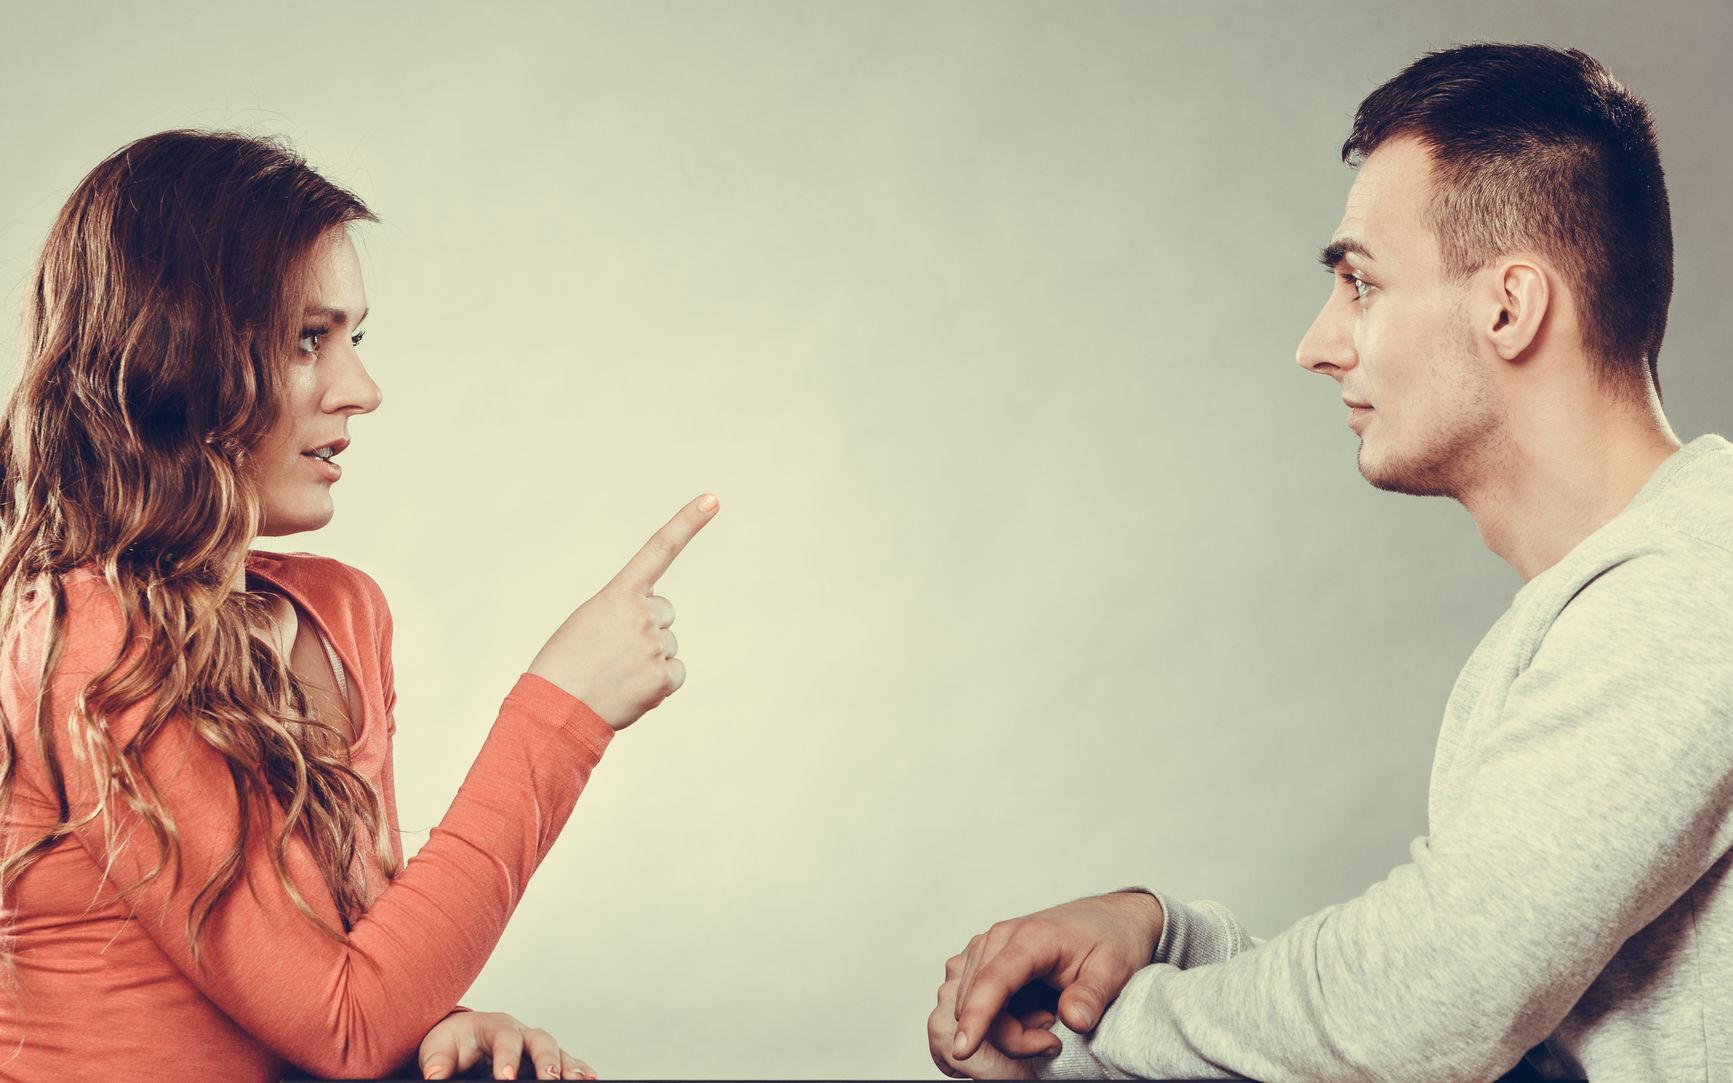 El sencillo truco para entender qué está pensando el otro